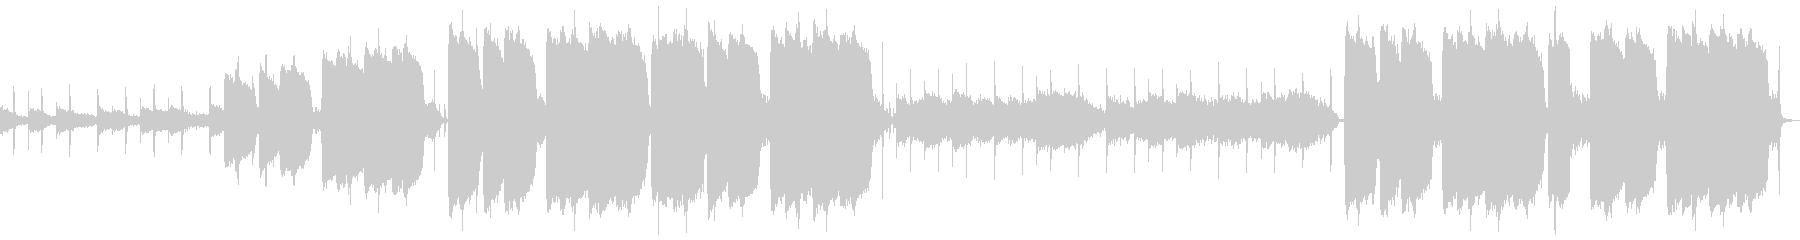 メロウなピアノのヒップホップの未再生の波形